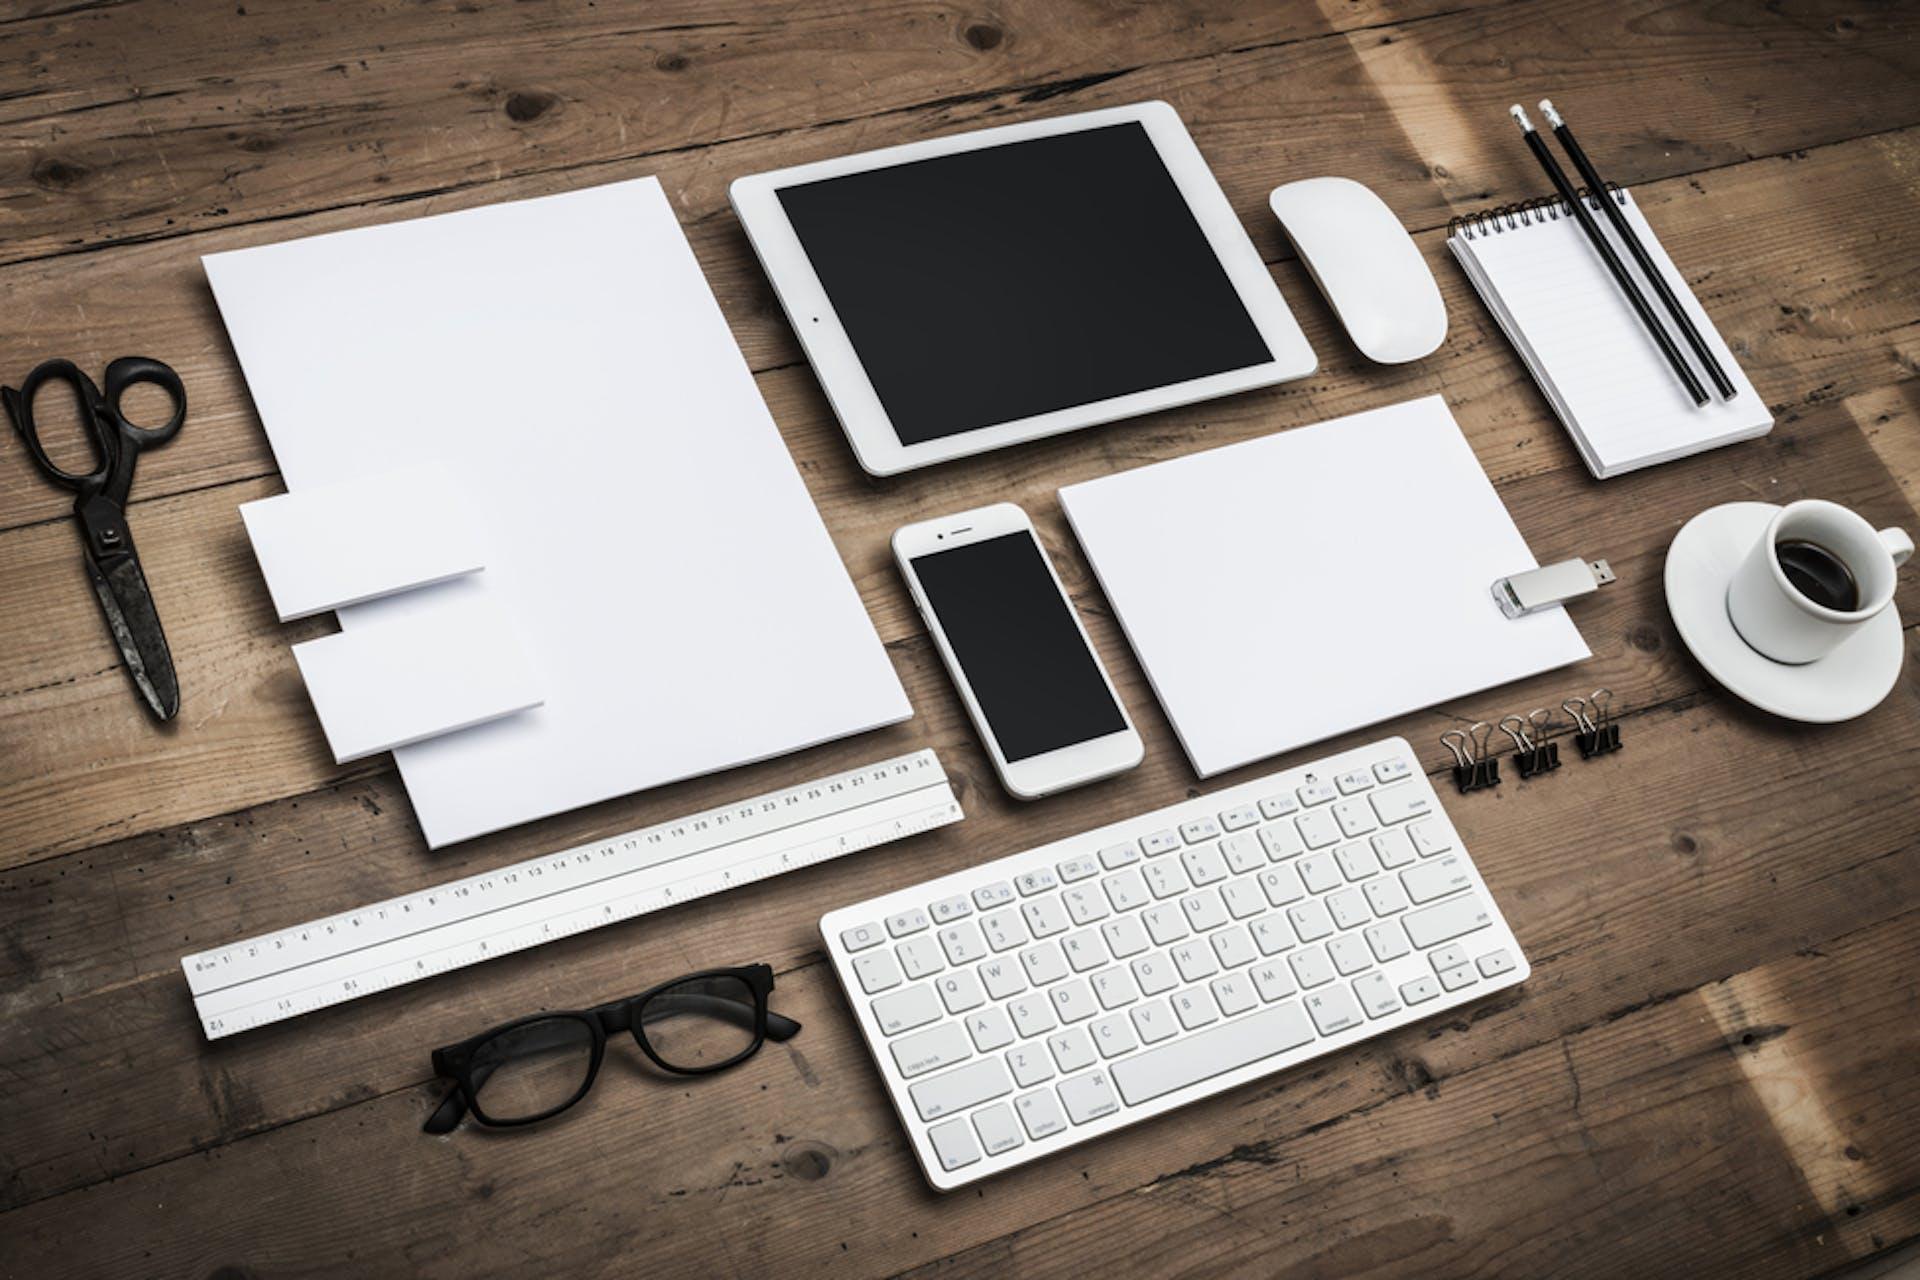 Man sieht ein Foto eines Holztisches mit ungebrandeten, weißen Utensilien darauf. Das Foto ist das Titelbild unseres Beitrags zur Erstellung einer Corporate Identity.